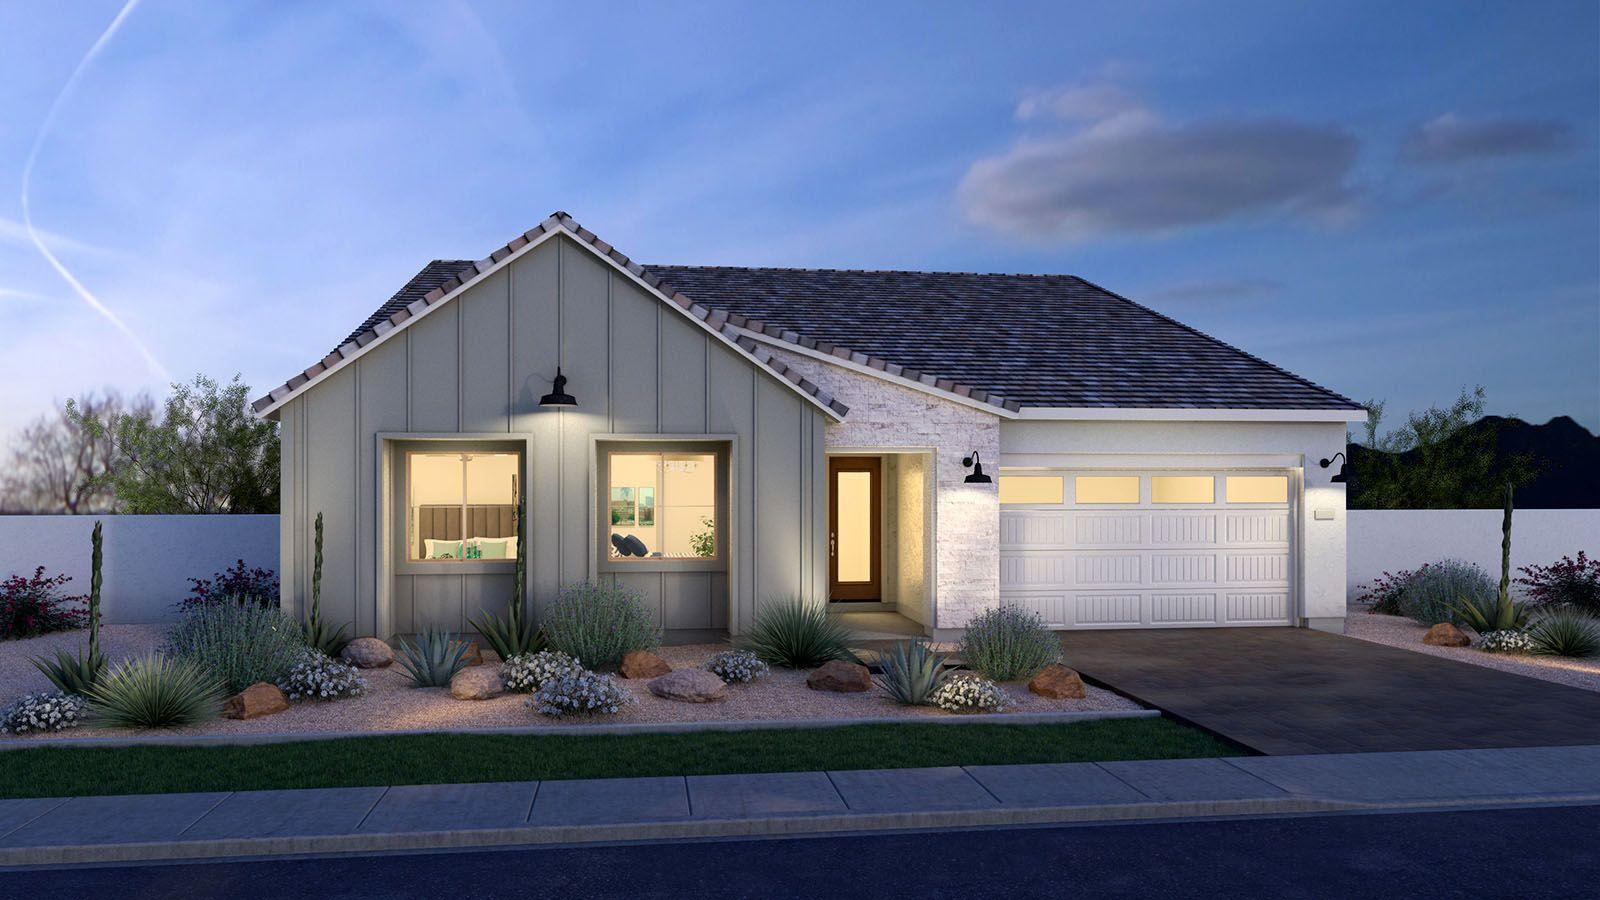 MH-residence-Avocet-50-2-B-Modern-Farmhouse-DUSK-1:Farmhouse Elevation